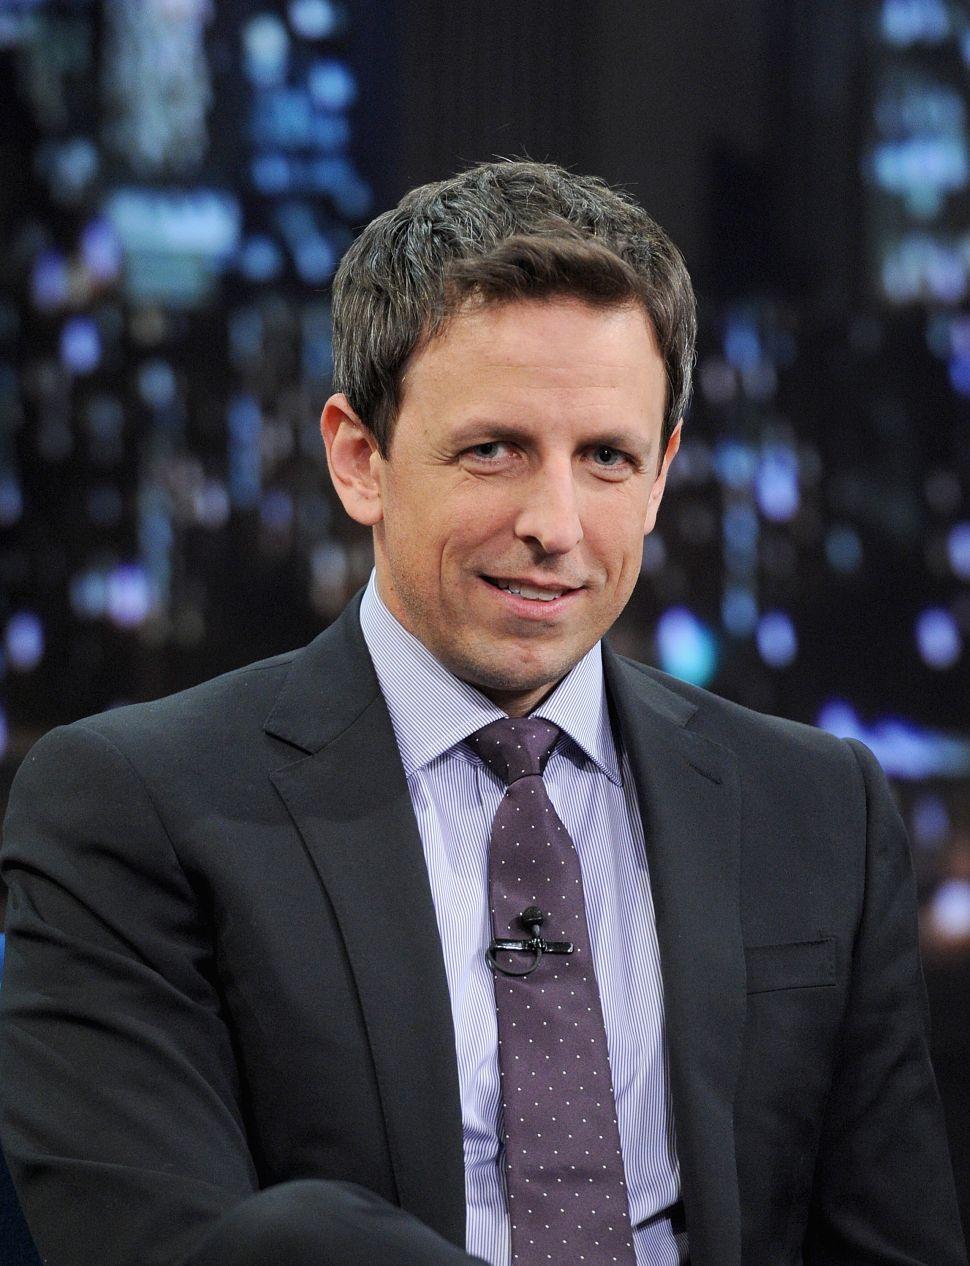 Seth Meyers Talks <em>Late Night</em>, Diversity and <em>True Detective Parodies</em>